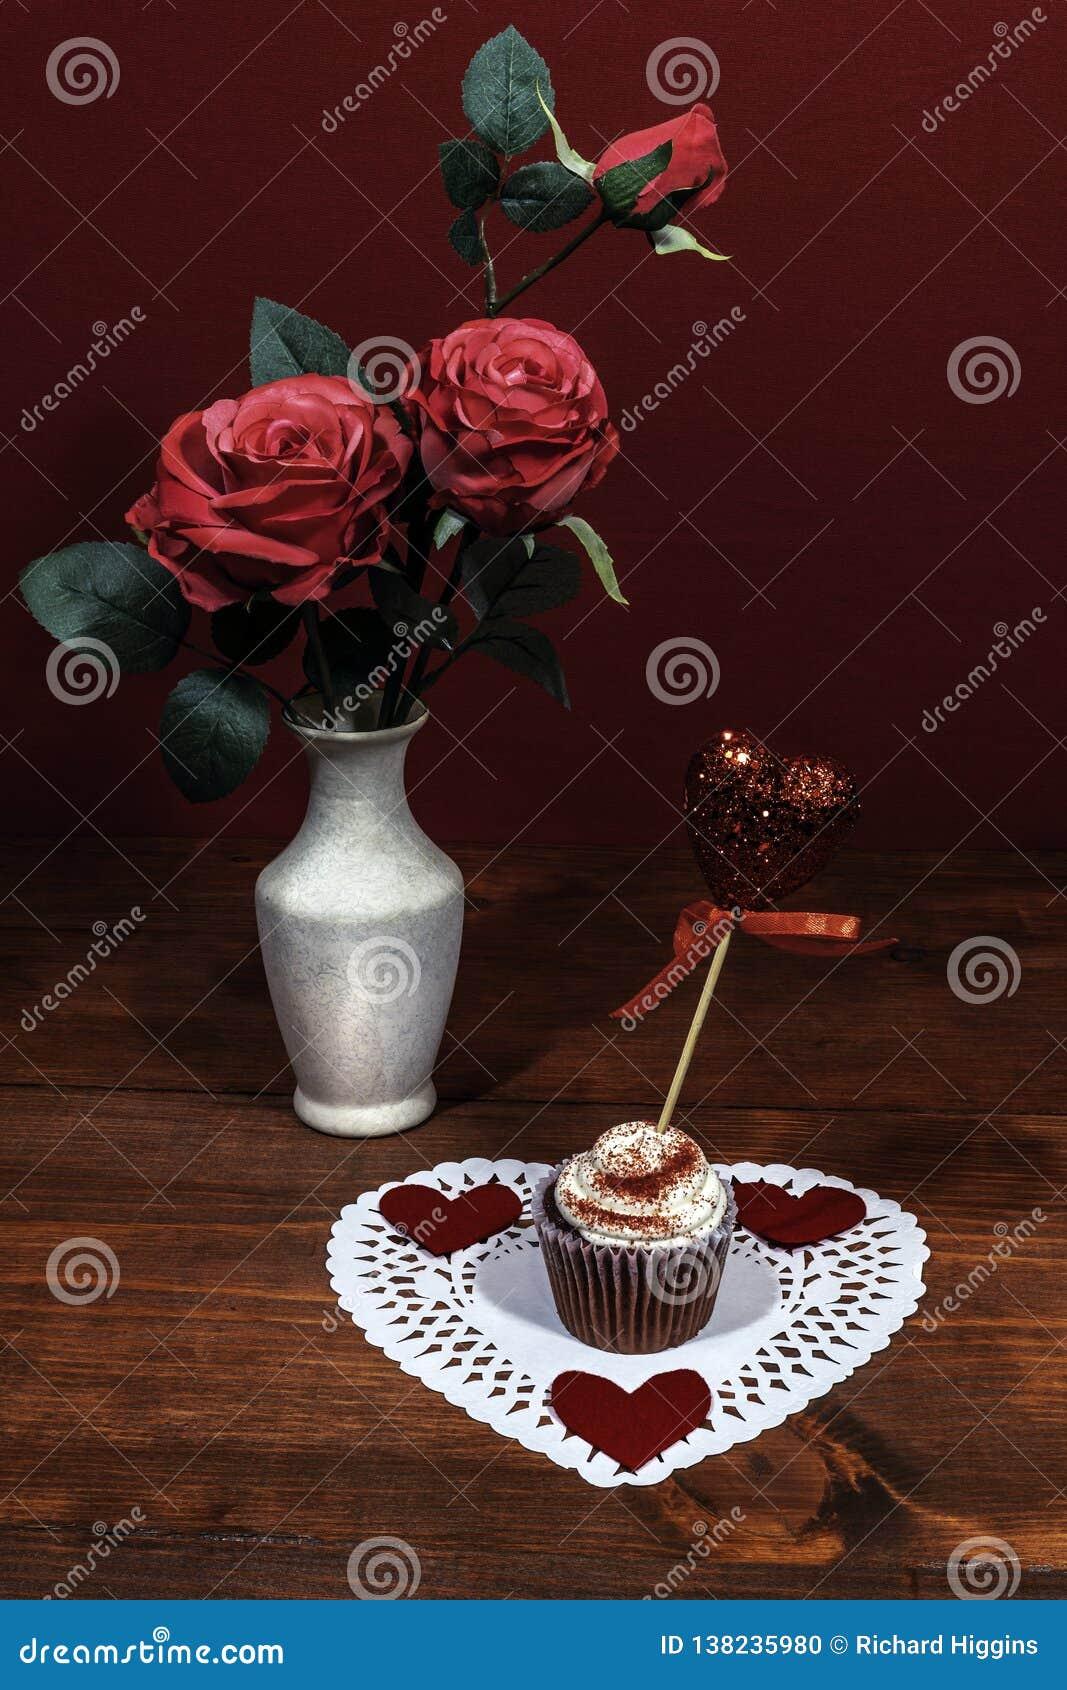 Τα όμορφα ρόδινα τριαντάφυλλα σε ένα βάζο, καρδιά το άσπρο dollie με ένα διακοσμημένο κέικ φλυτζανιών σε το με μια καρδιά σε μια